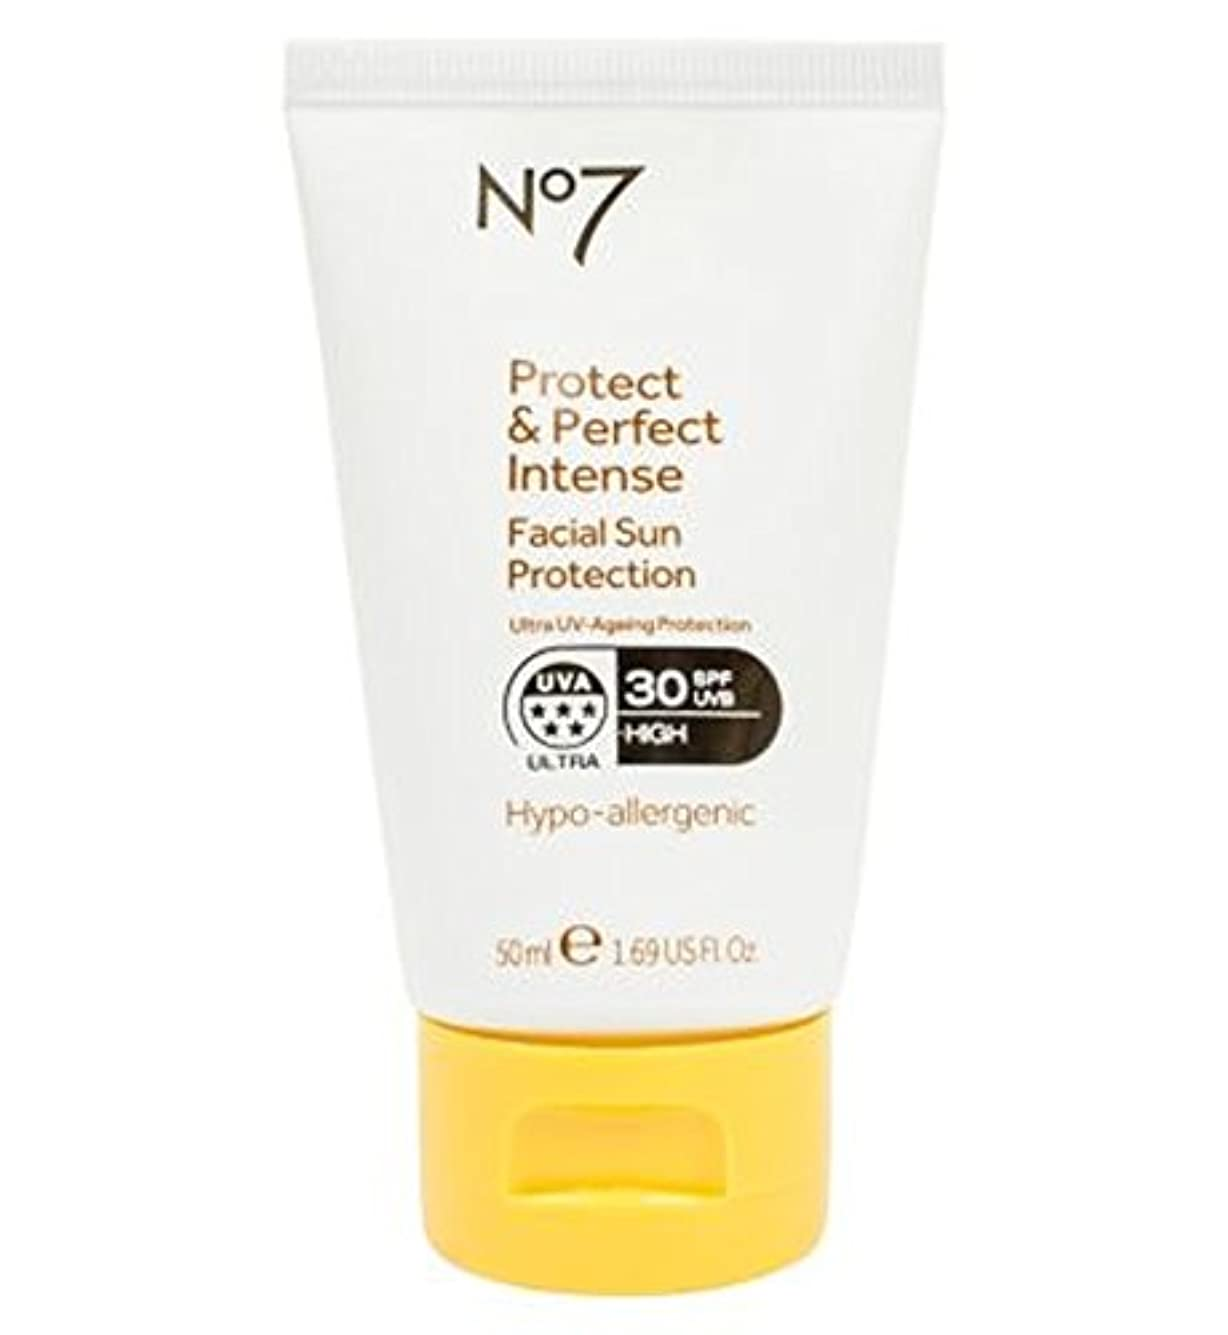 コンチネンタルたくさんのシールドNo7 Protect & Perfect Intense Facial Sun Protection SPF 30 50ml - No7保護&完璧な強烈な顔の日焼け防止Spf 30 50ミリリットル (No7) [並行輸入品]